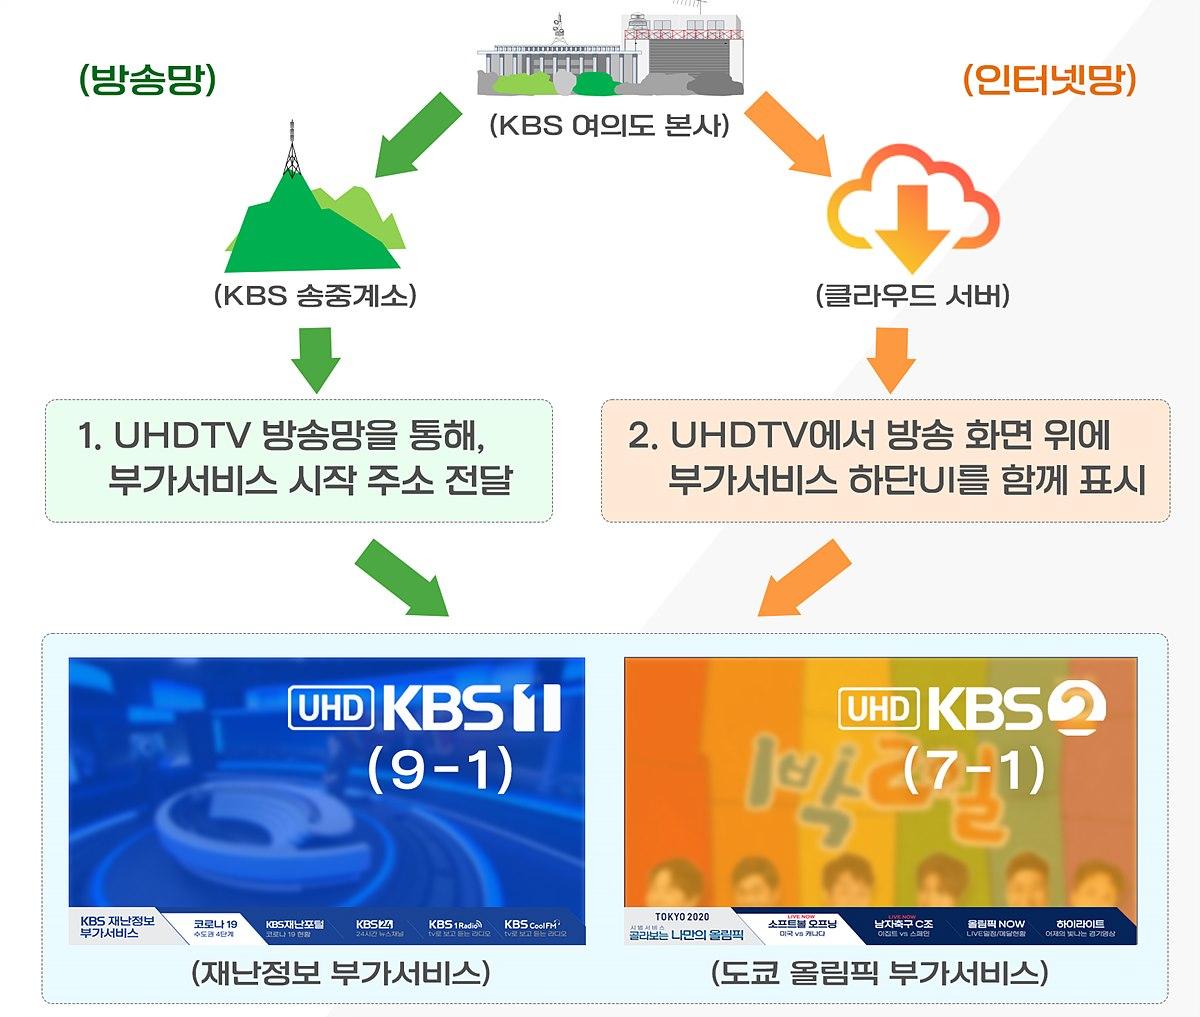 양방향 IBB 부가서비스 프로세스